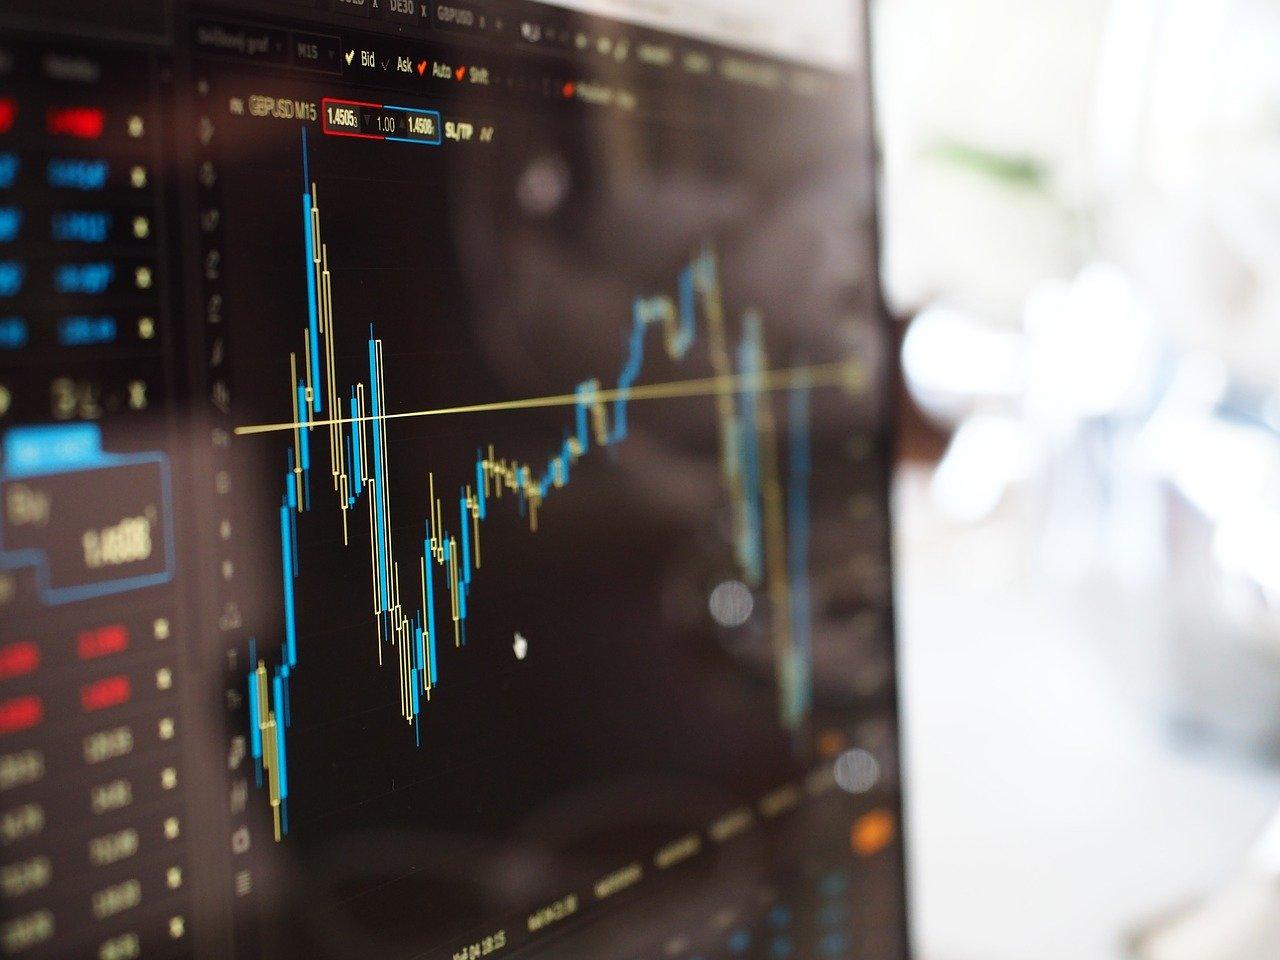 astuce trader variantas binaire kaip uždirbti pinigus ir